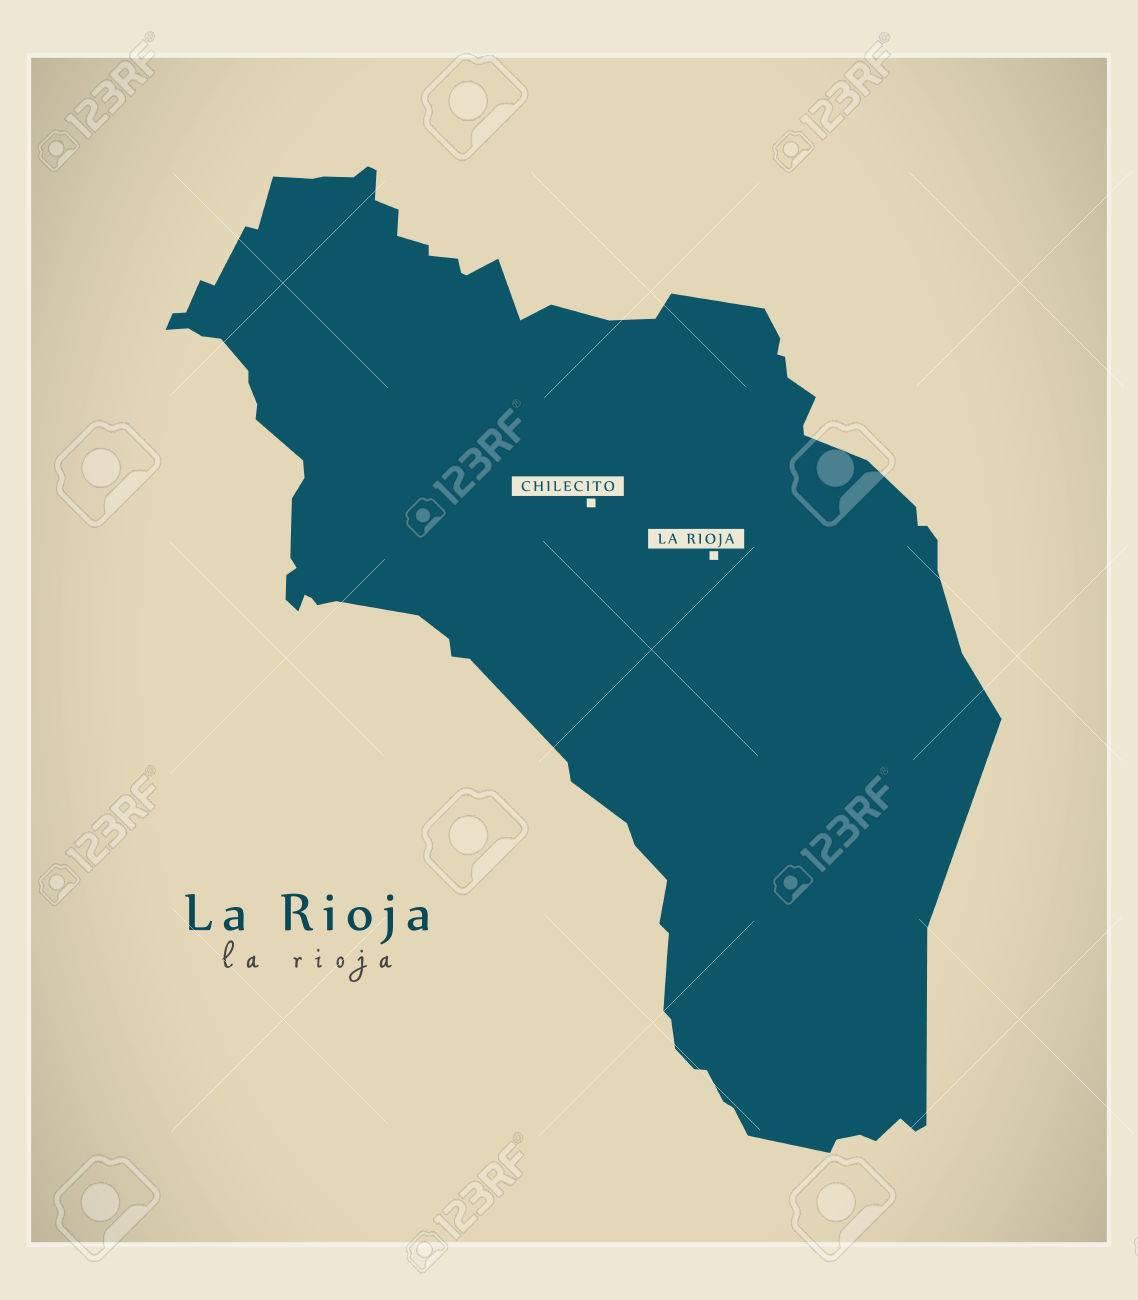 Modern Map - Le Rioja AR - 63312130